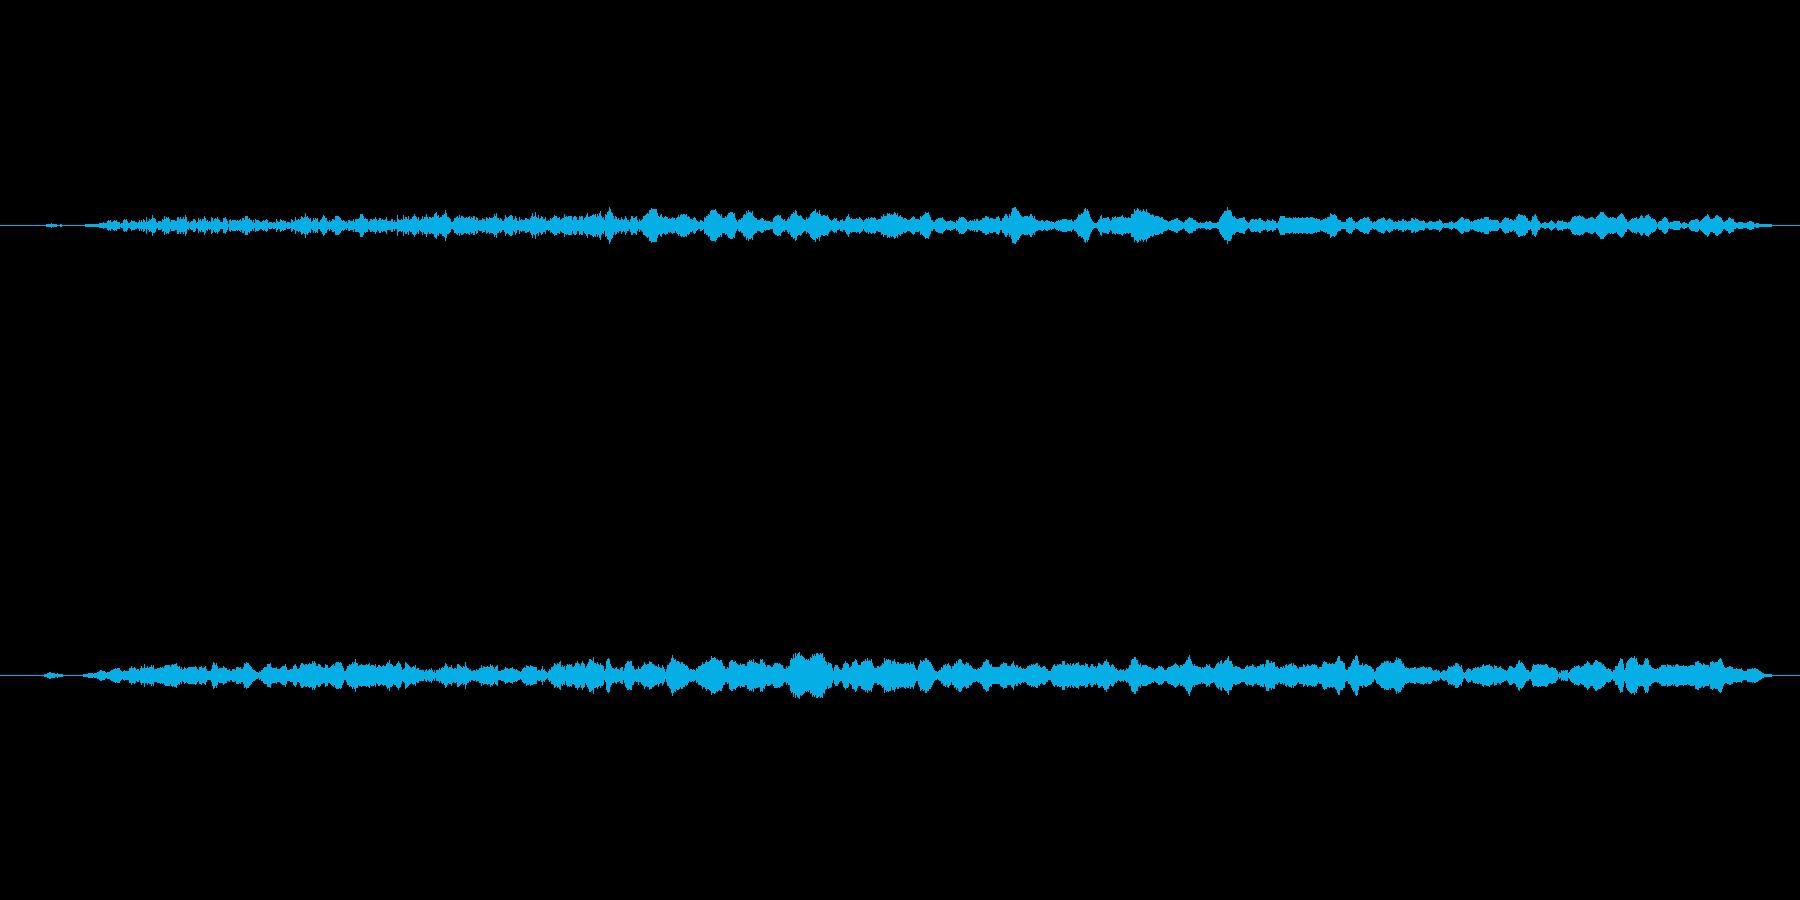 ヒュー!本当にリアルな花火打ち上げの音2の再生済みの波形